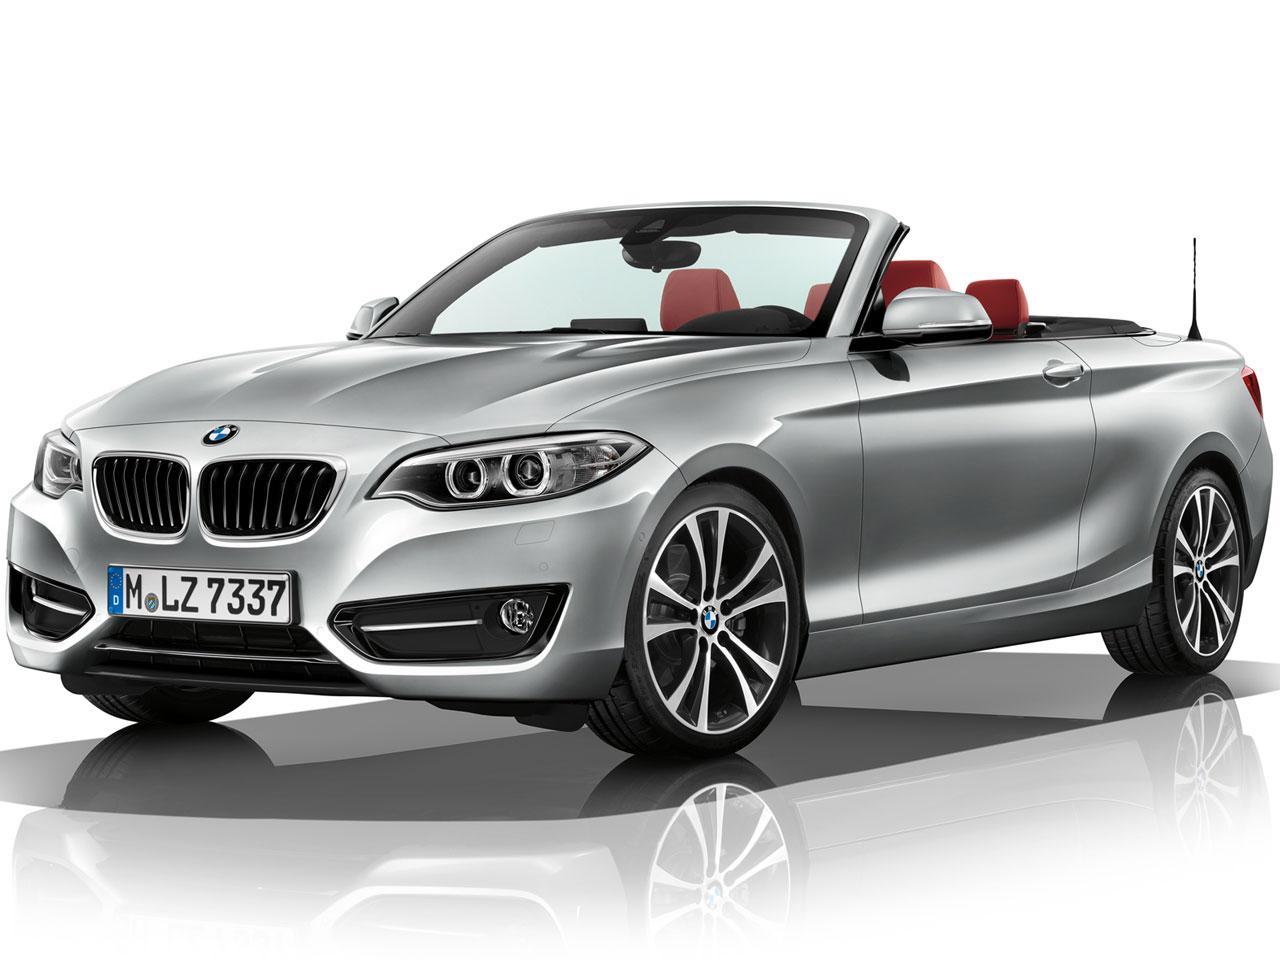 BMW 2シリーズ カブリオレ 2015年モデル 新車画像